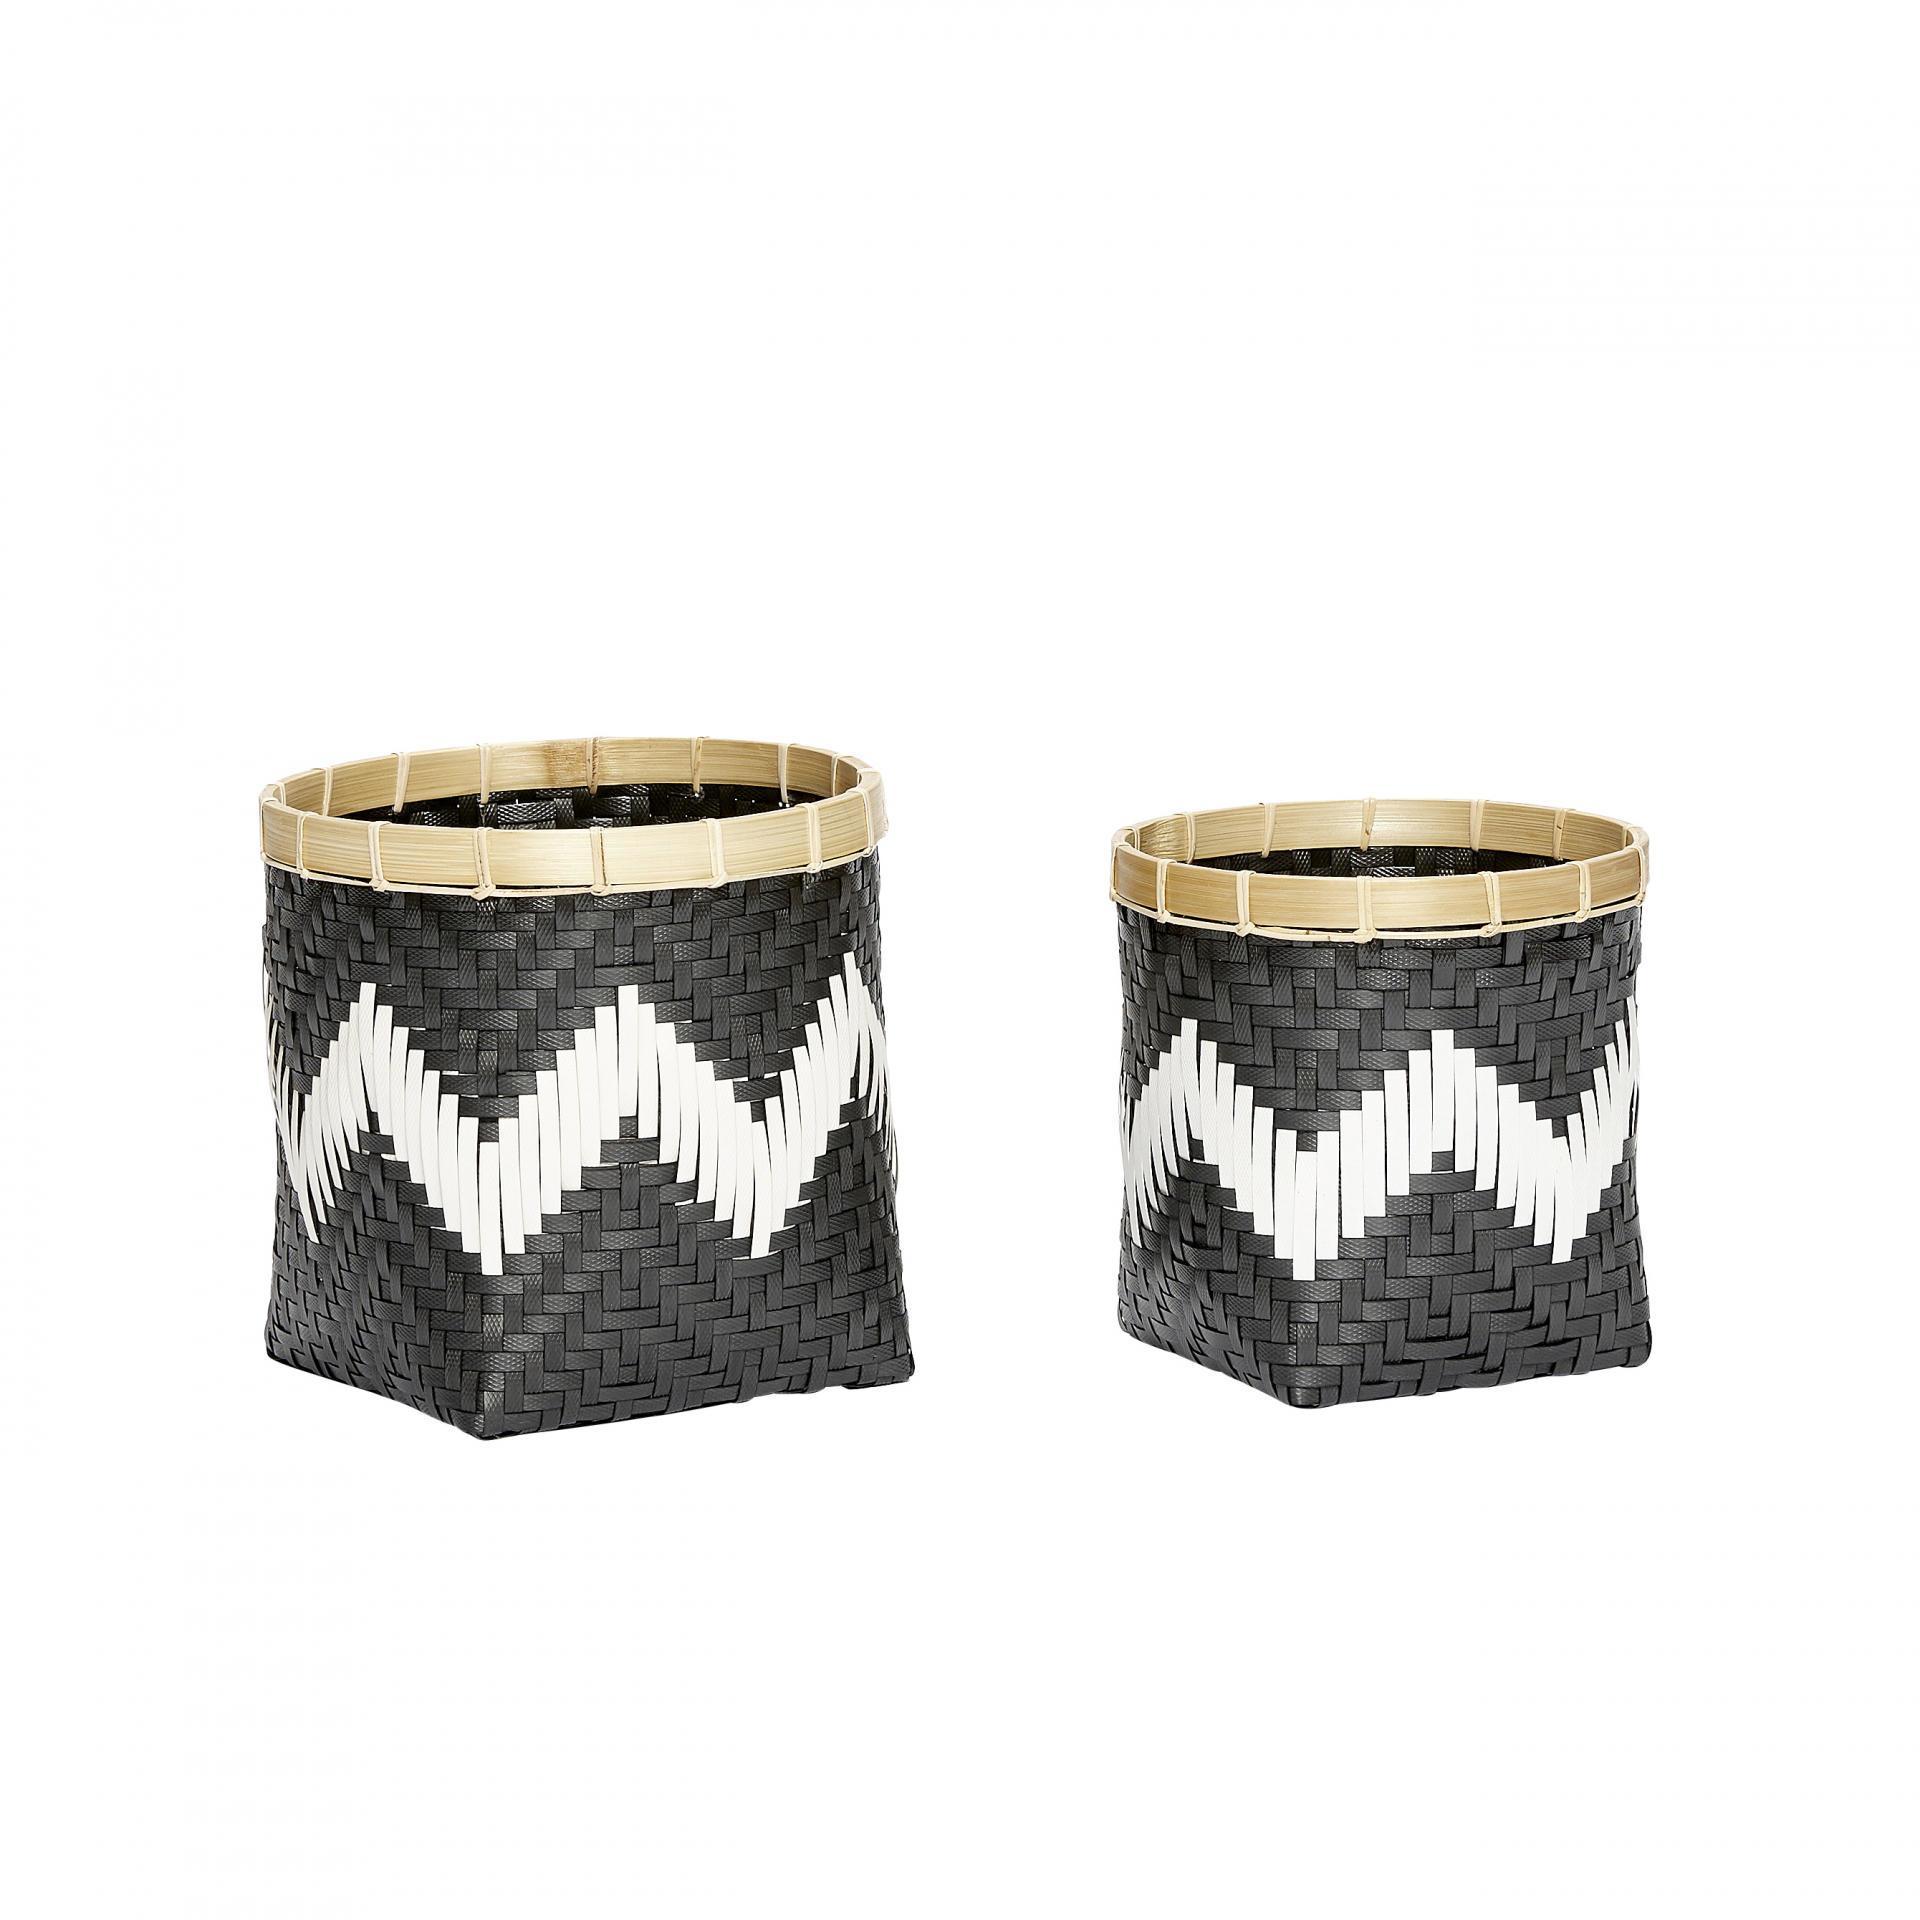 Hübsch Polyratanový košík Cik Cak Black Malý, černá barva, plast, proutí